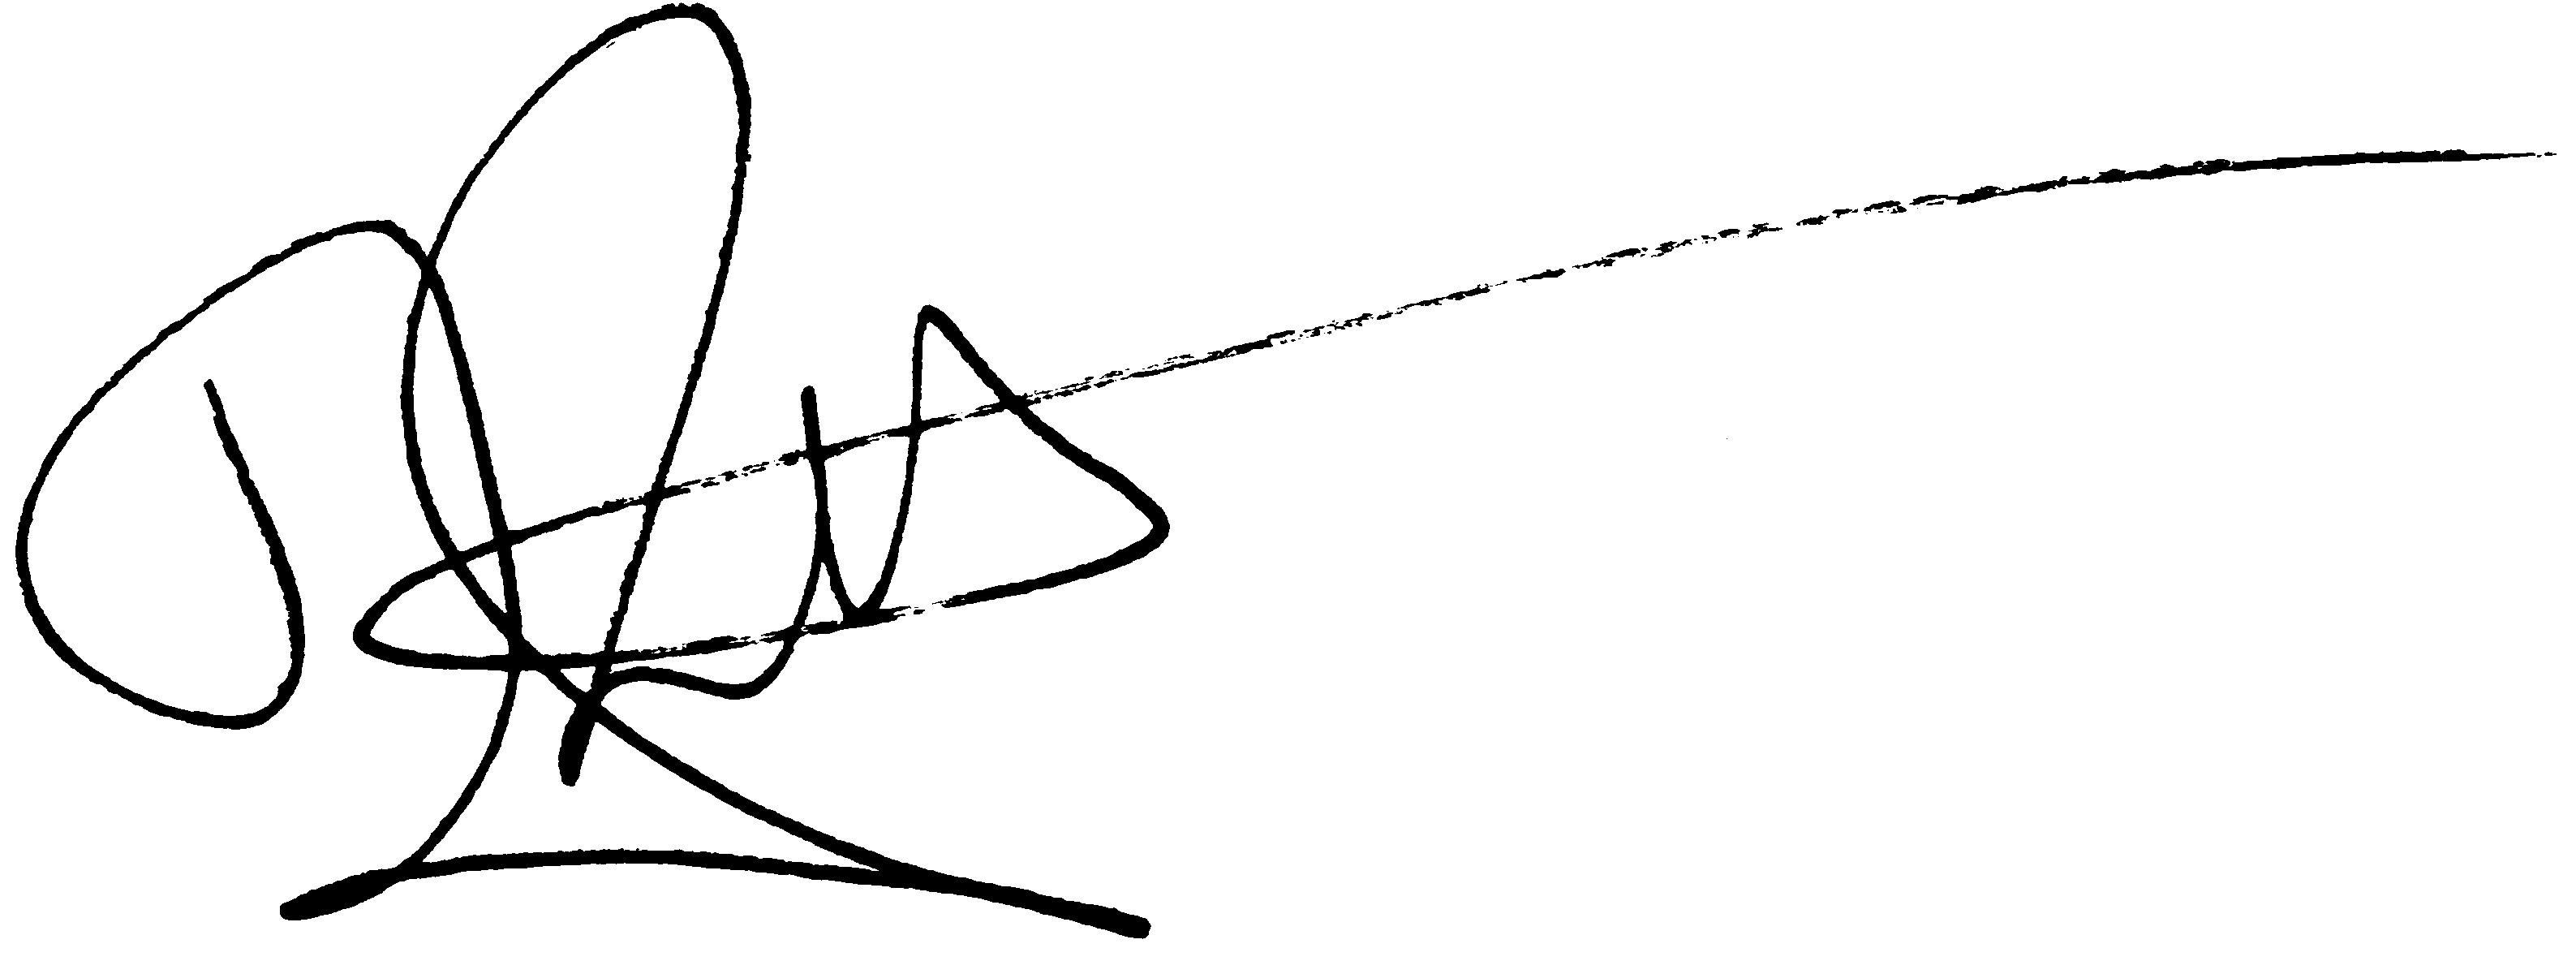 digital signature on pdf file